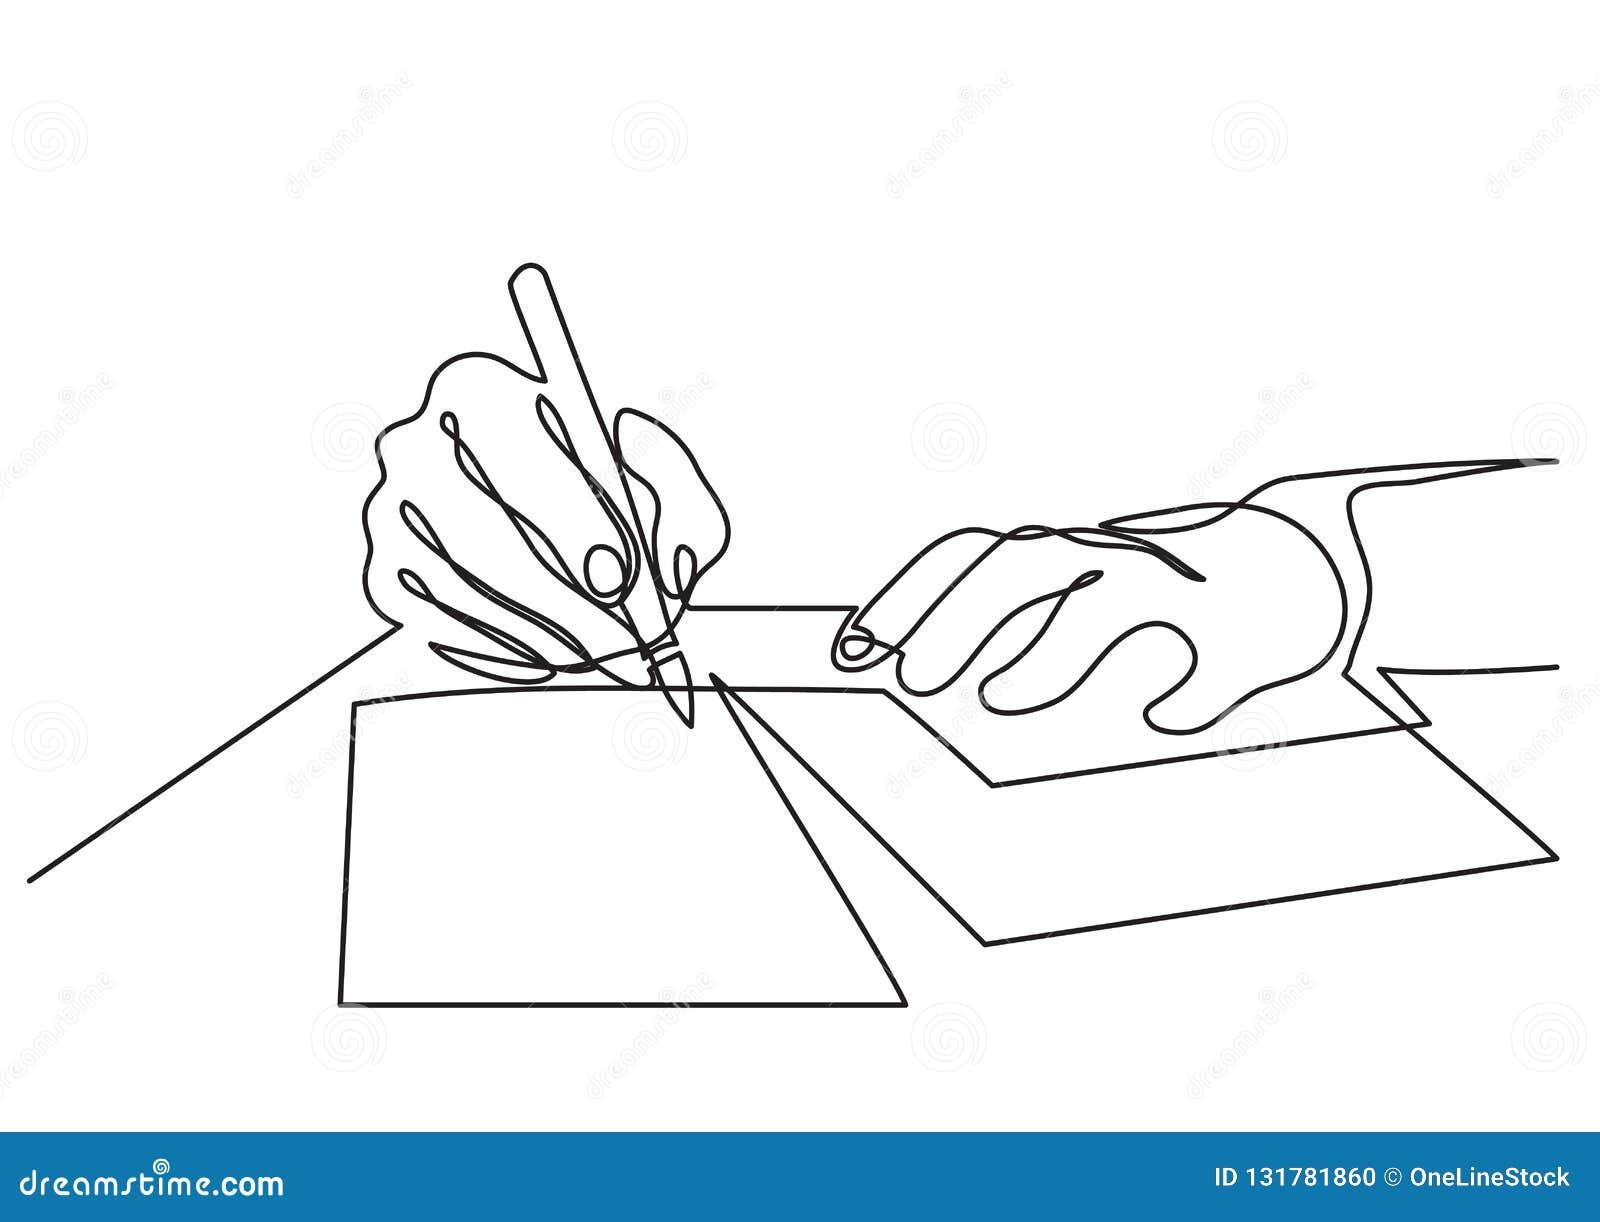 Непрерывная линия чертеж рук писать письмо